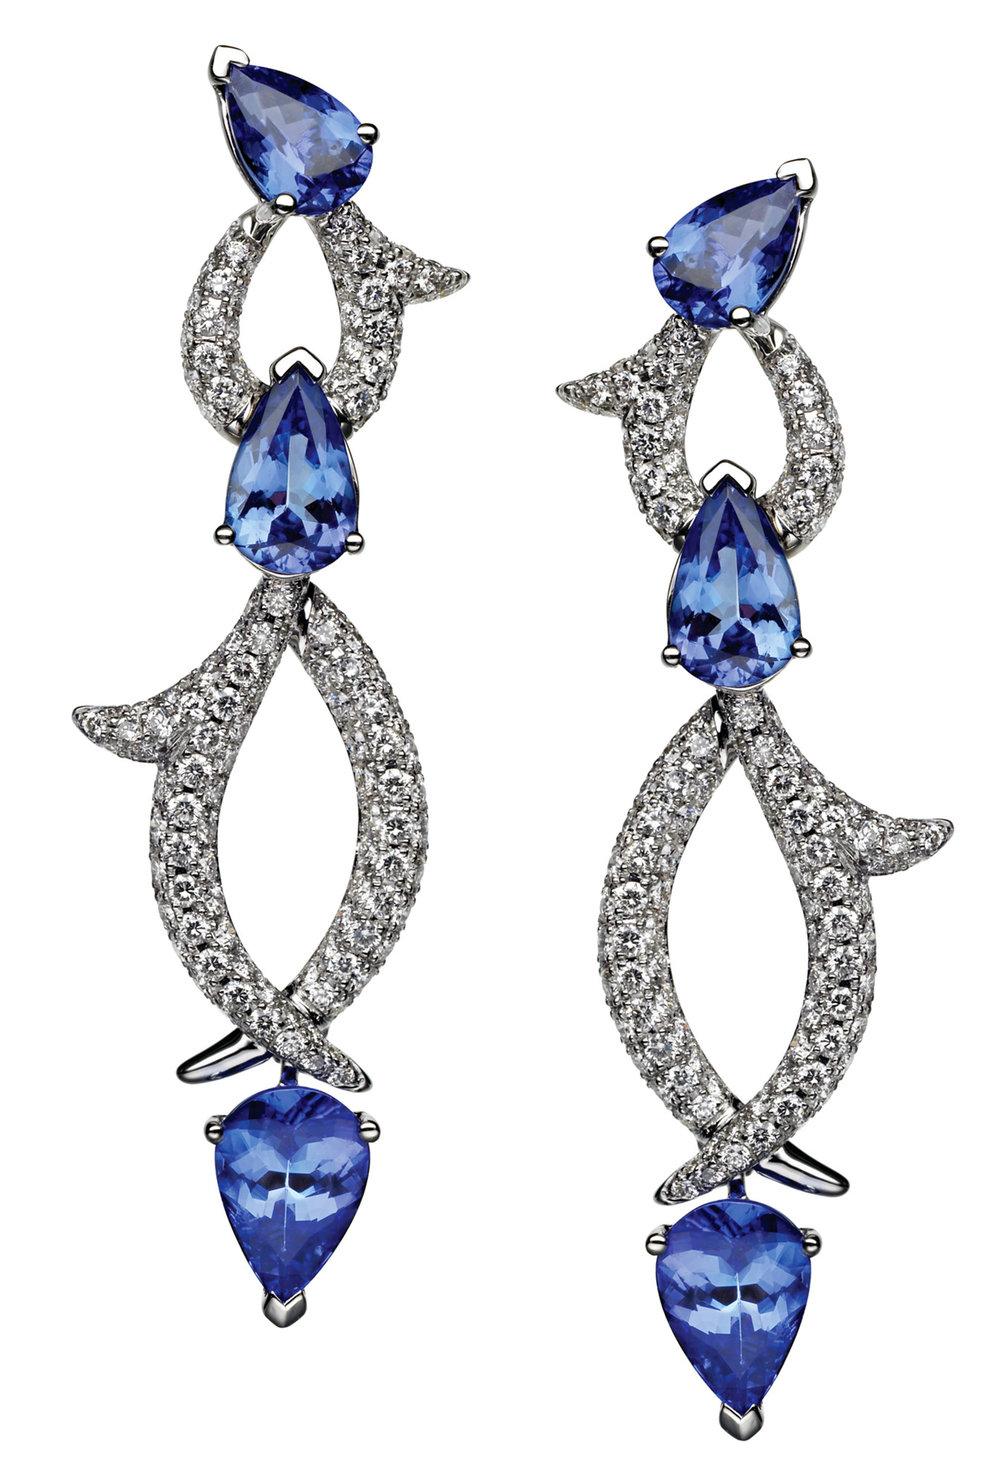 3.Palladio Jewellers 耳環 Price upon request,  palladiocanada.com